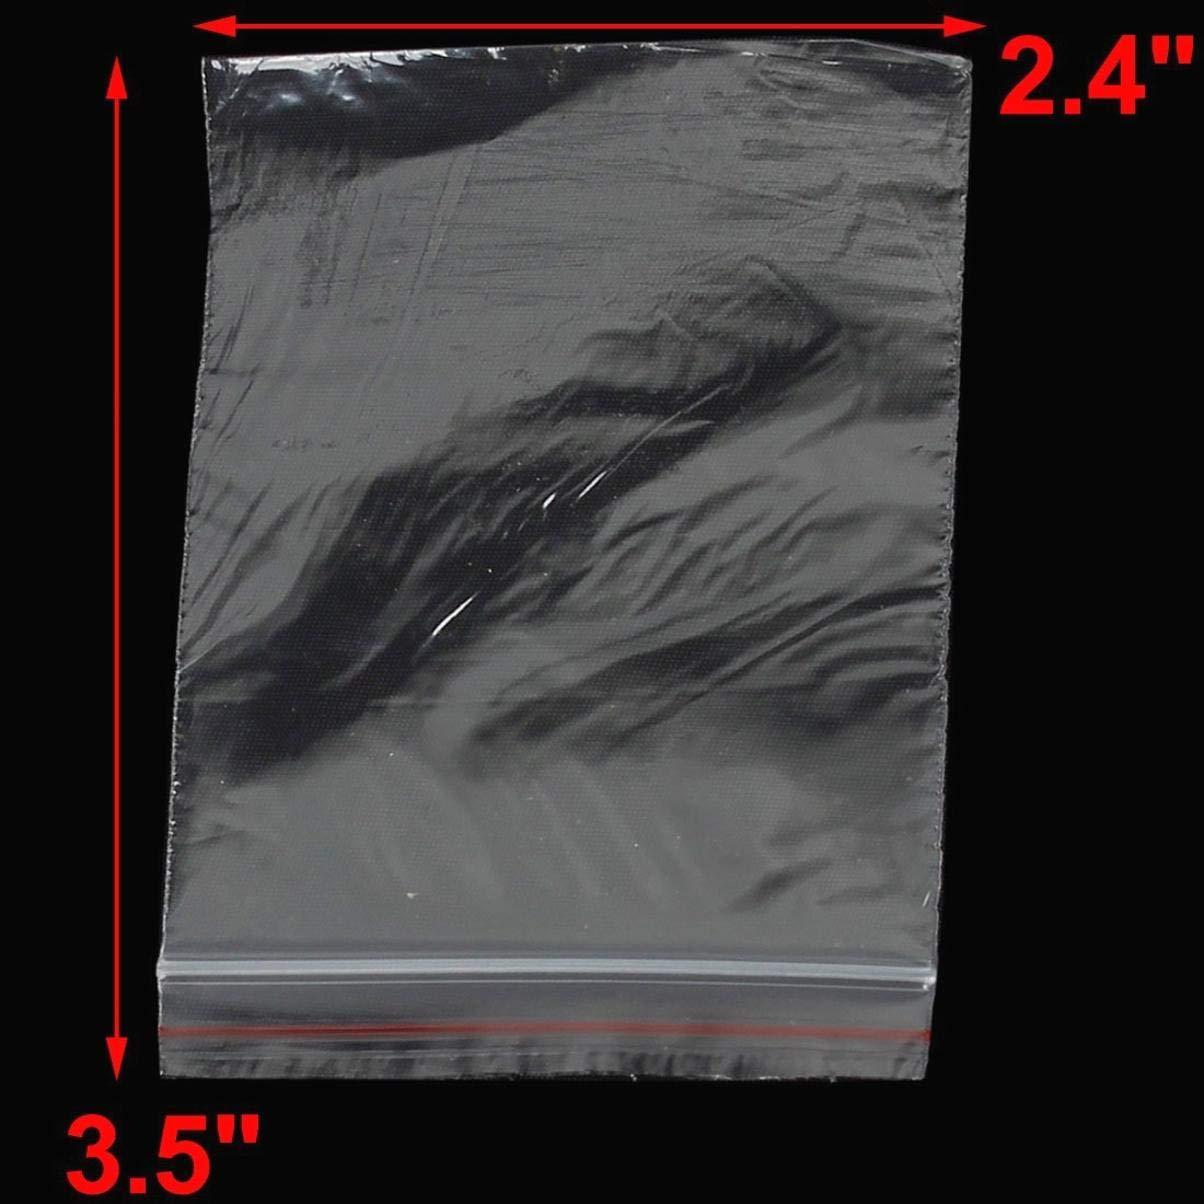 100 Pcs 9cm x 6cm en Plastique Transparent Baggy Grip Auto Joint Zip Lock Fermeture Sacs De Stockage Rescellable Autocollant Sac